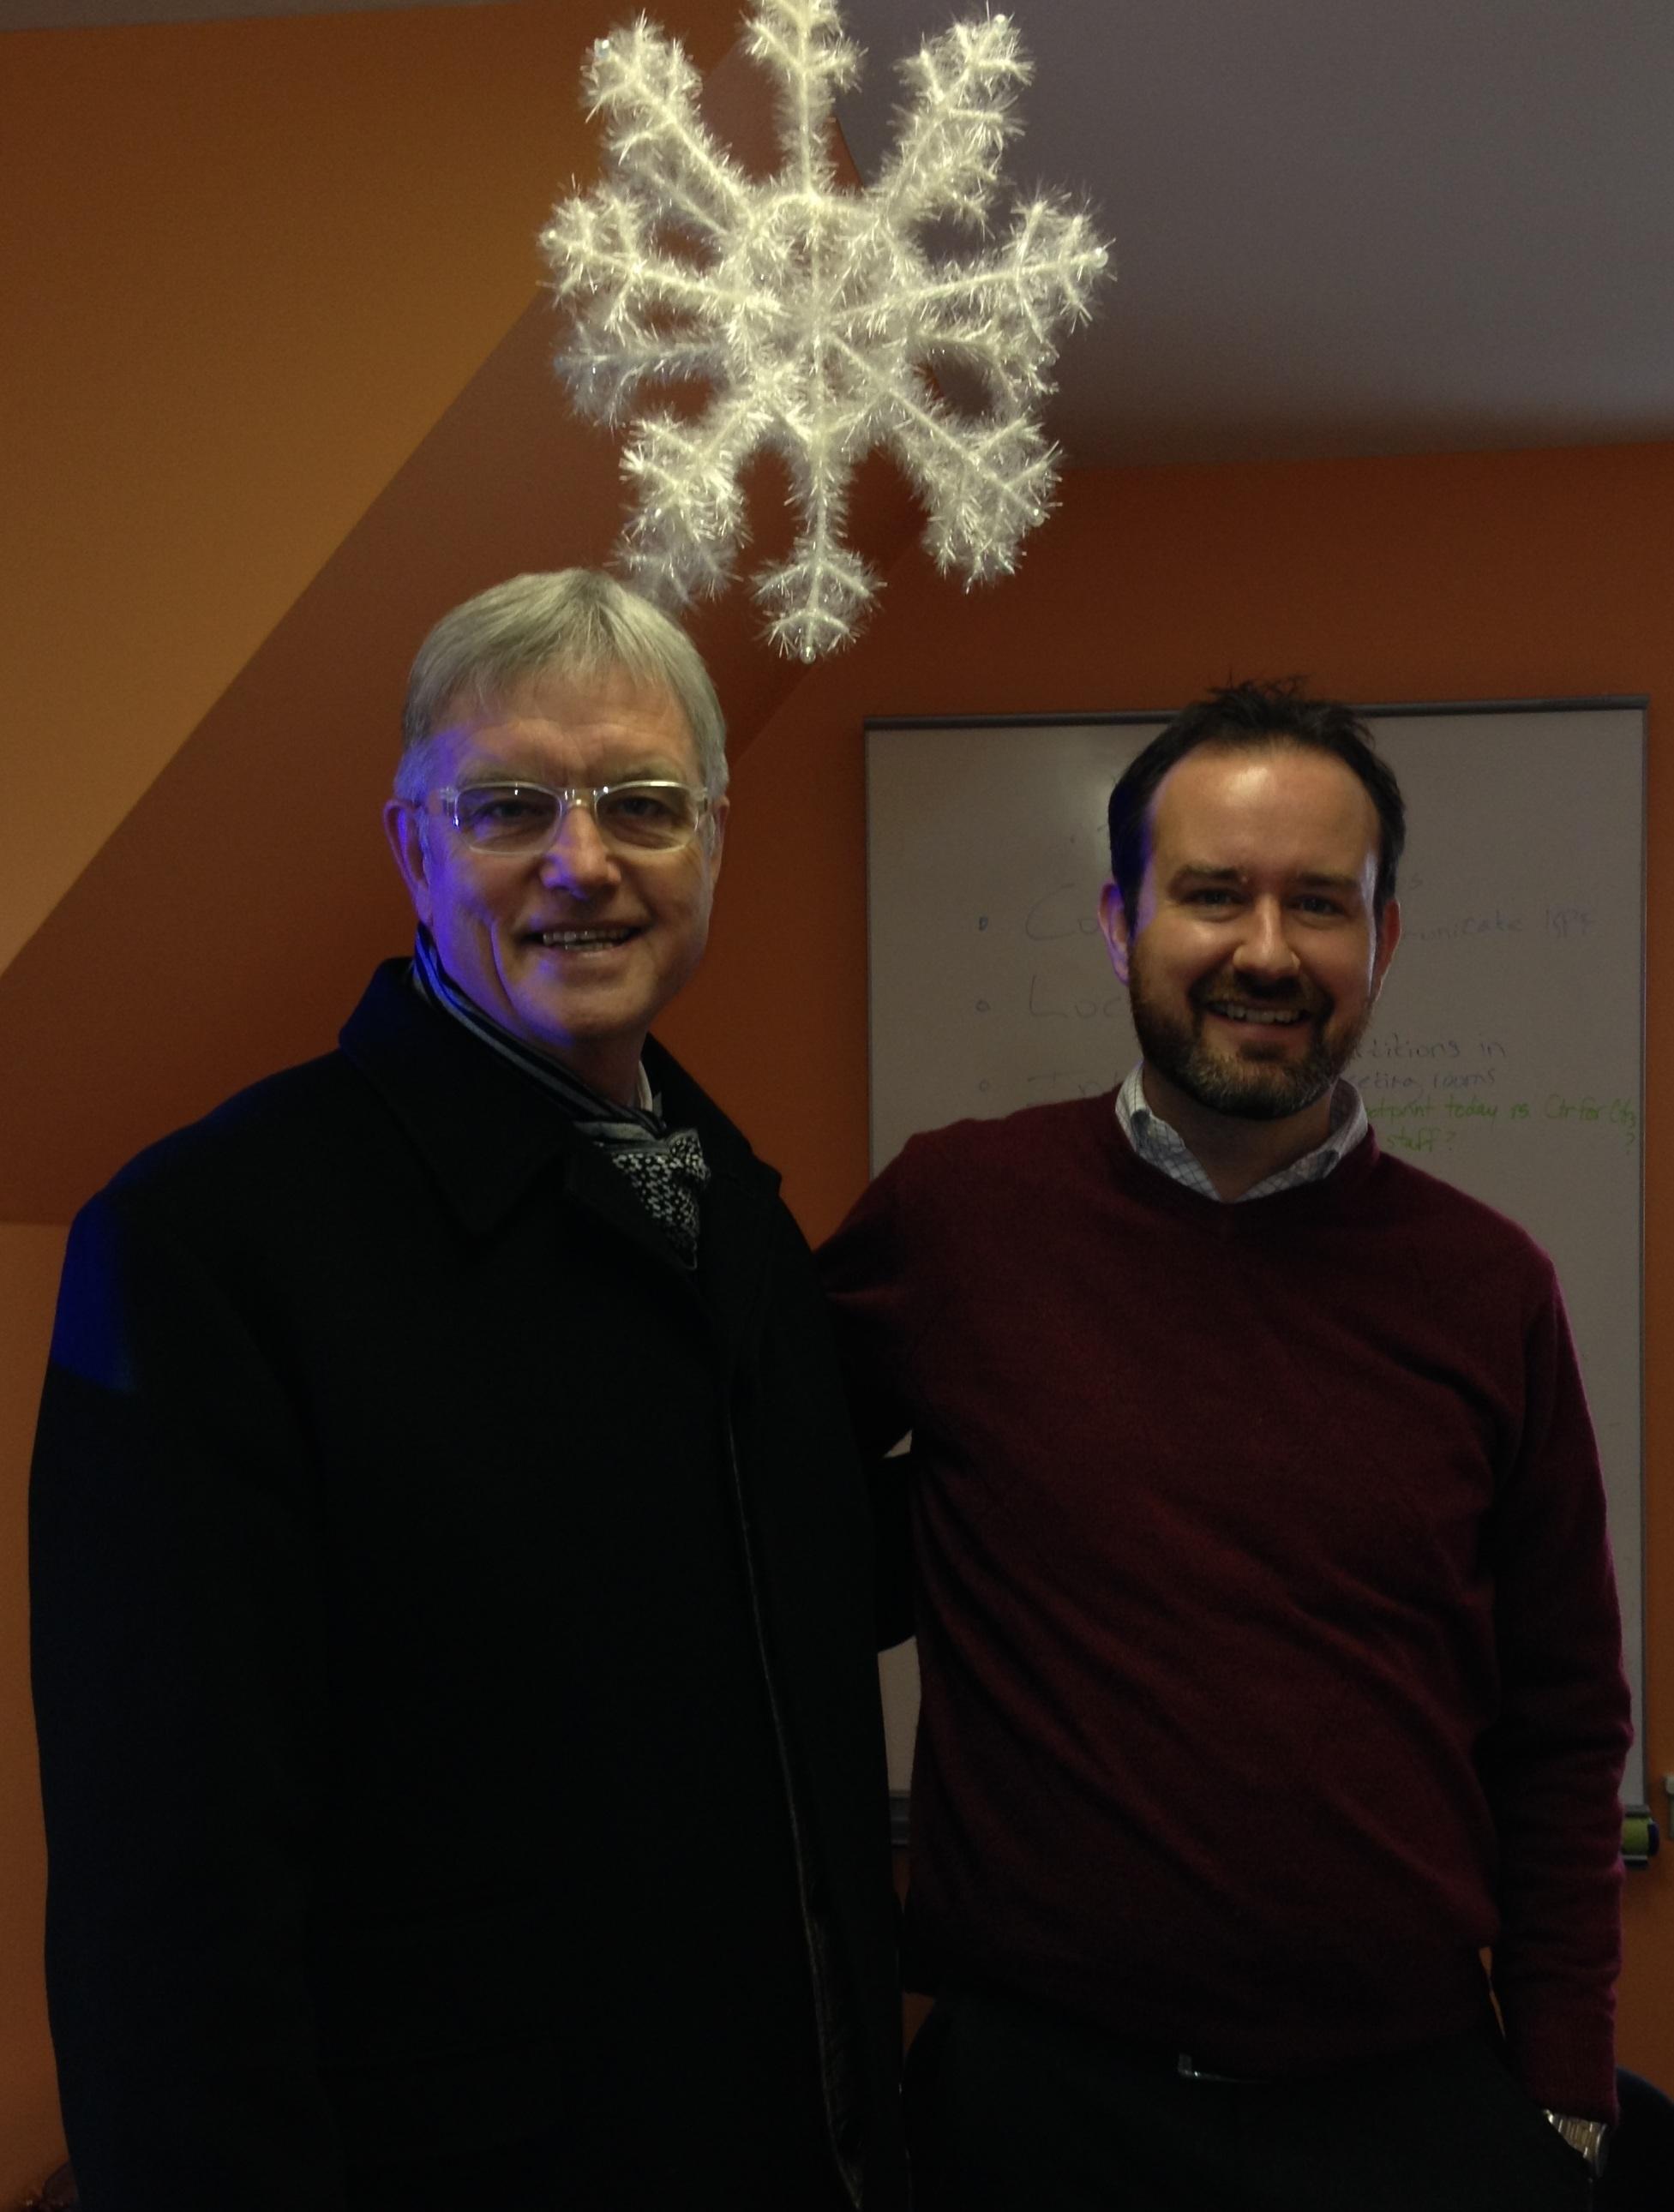 Johan&Chris-Dec2013